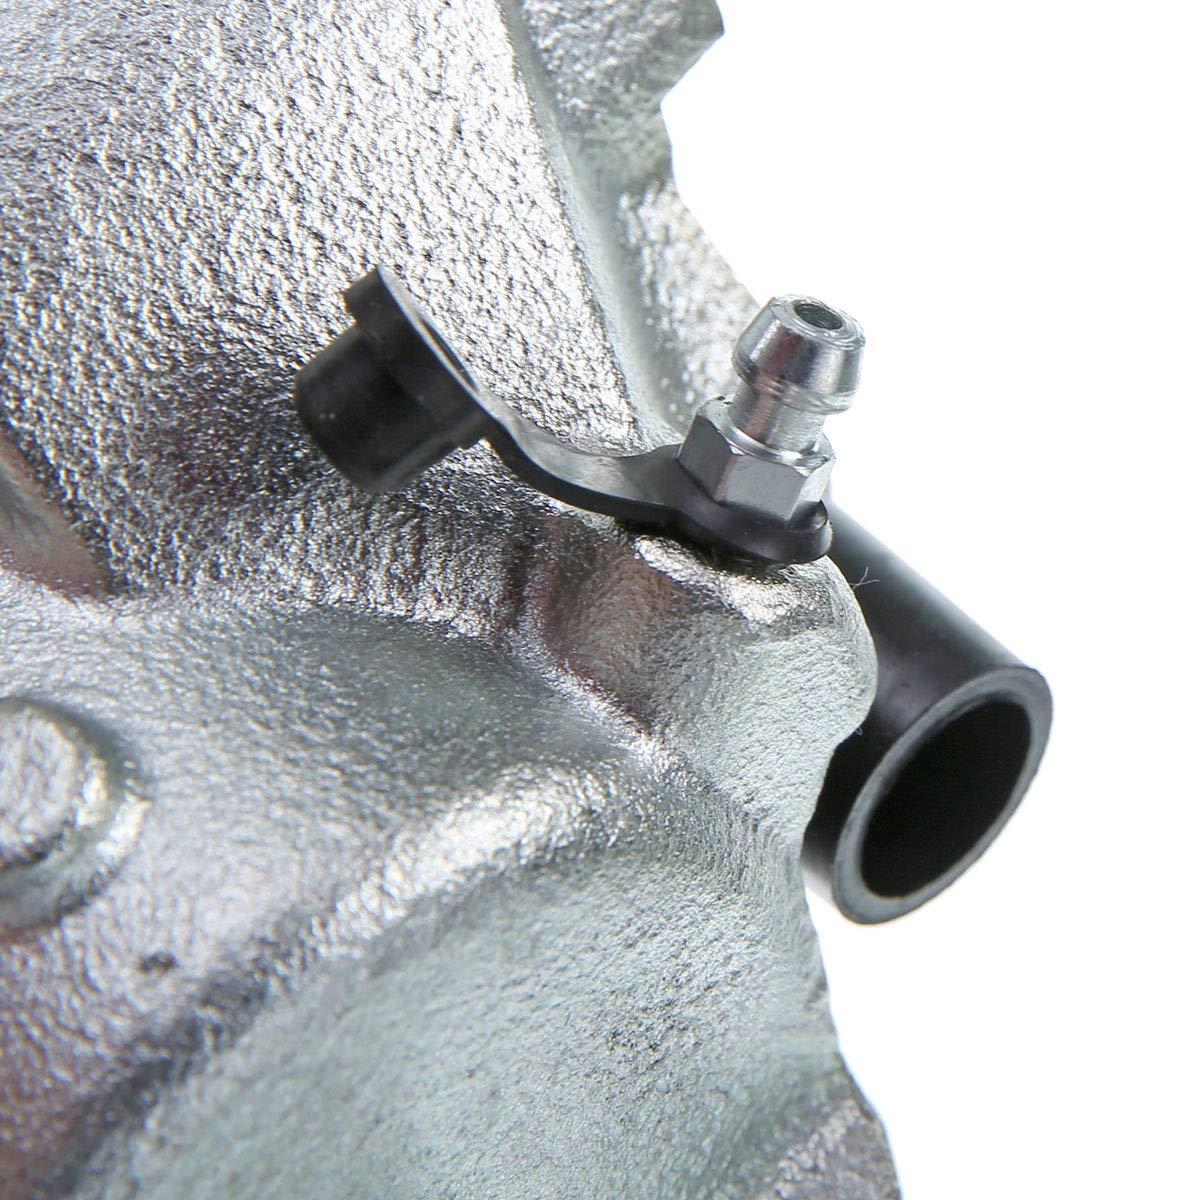 Pinza de freno Pinza de freno Eje delantero izquierda para 3 E46 E83 X3 E85 E86 Z4 75 ZT 1999-2011 34116750149